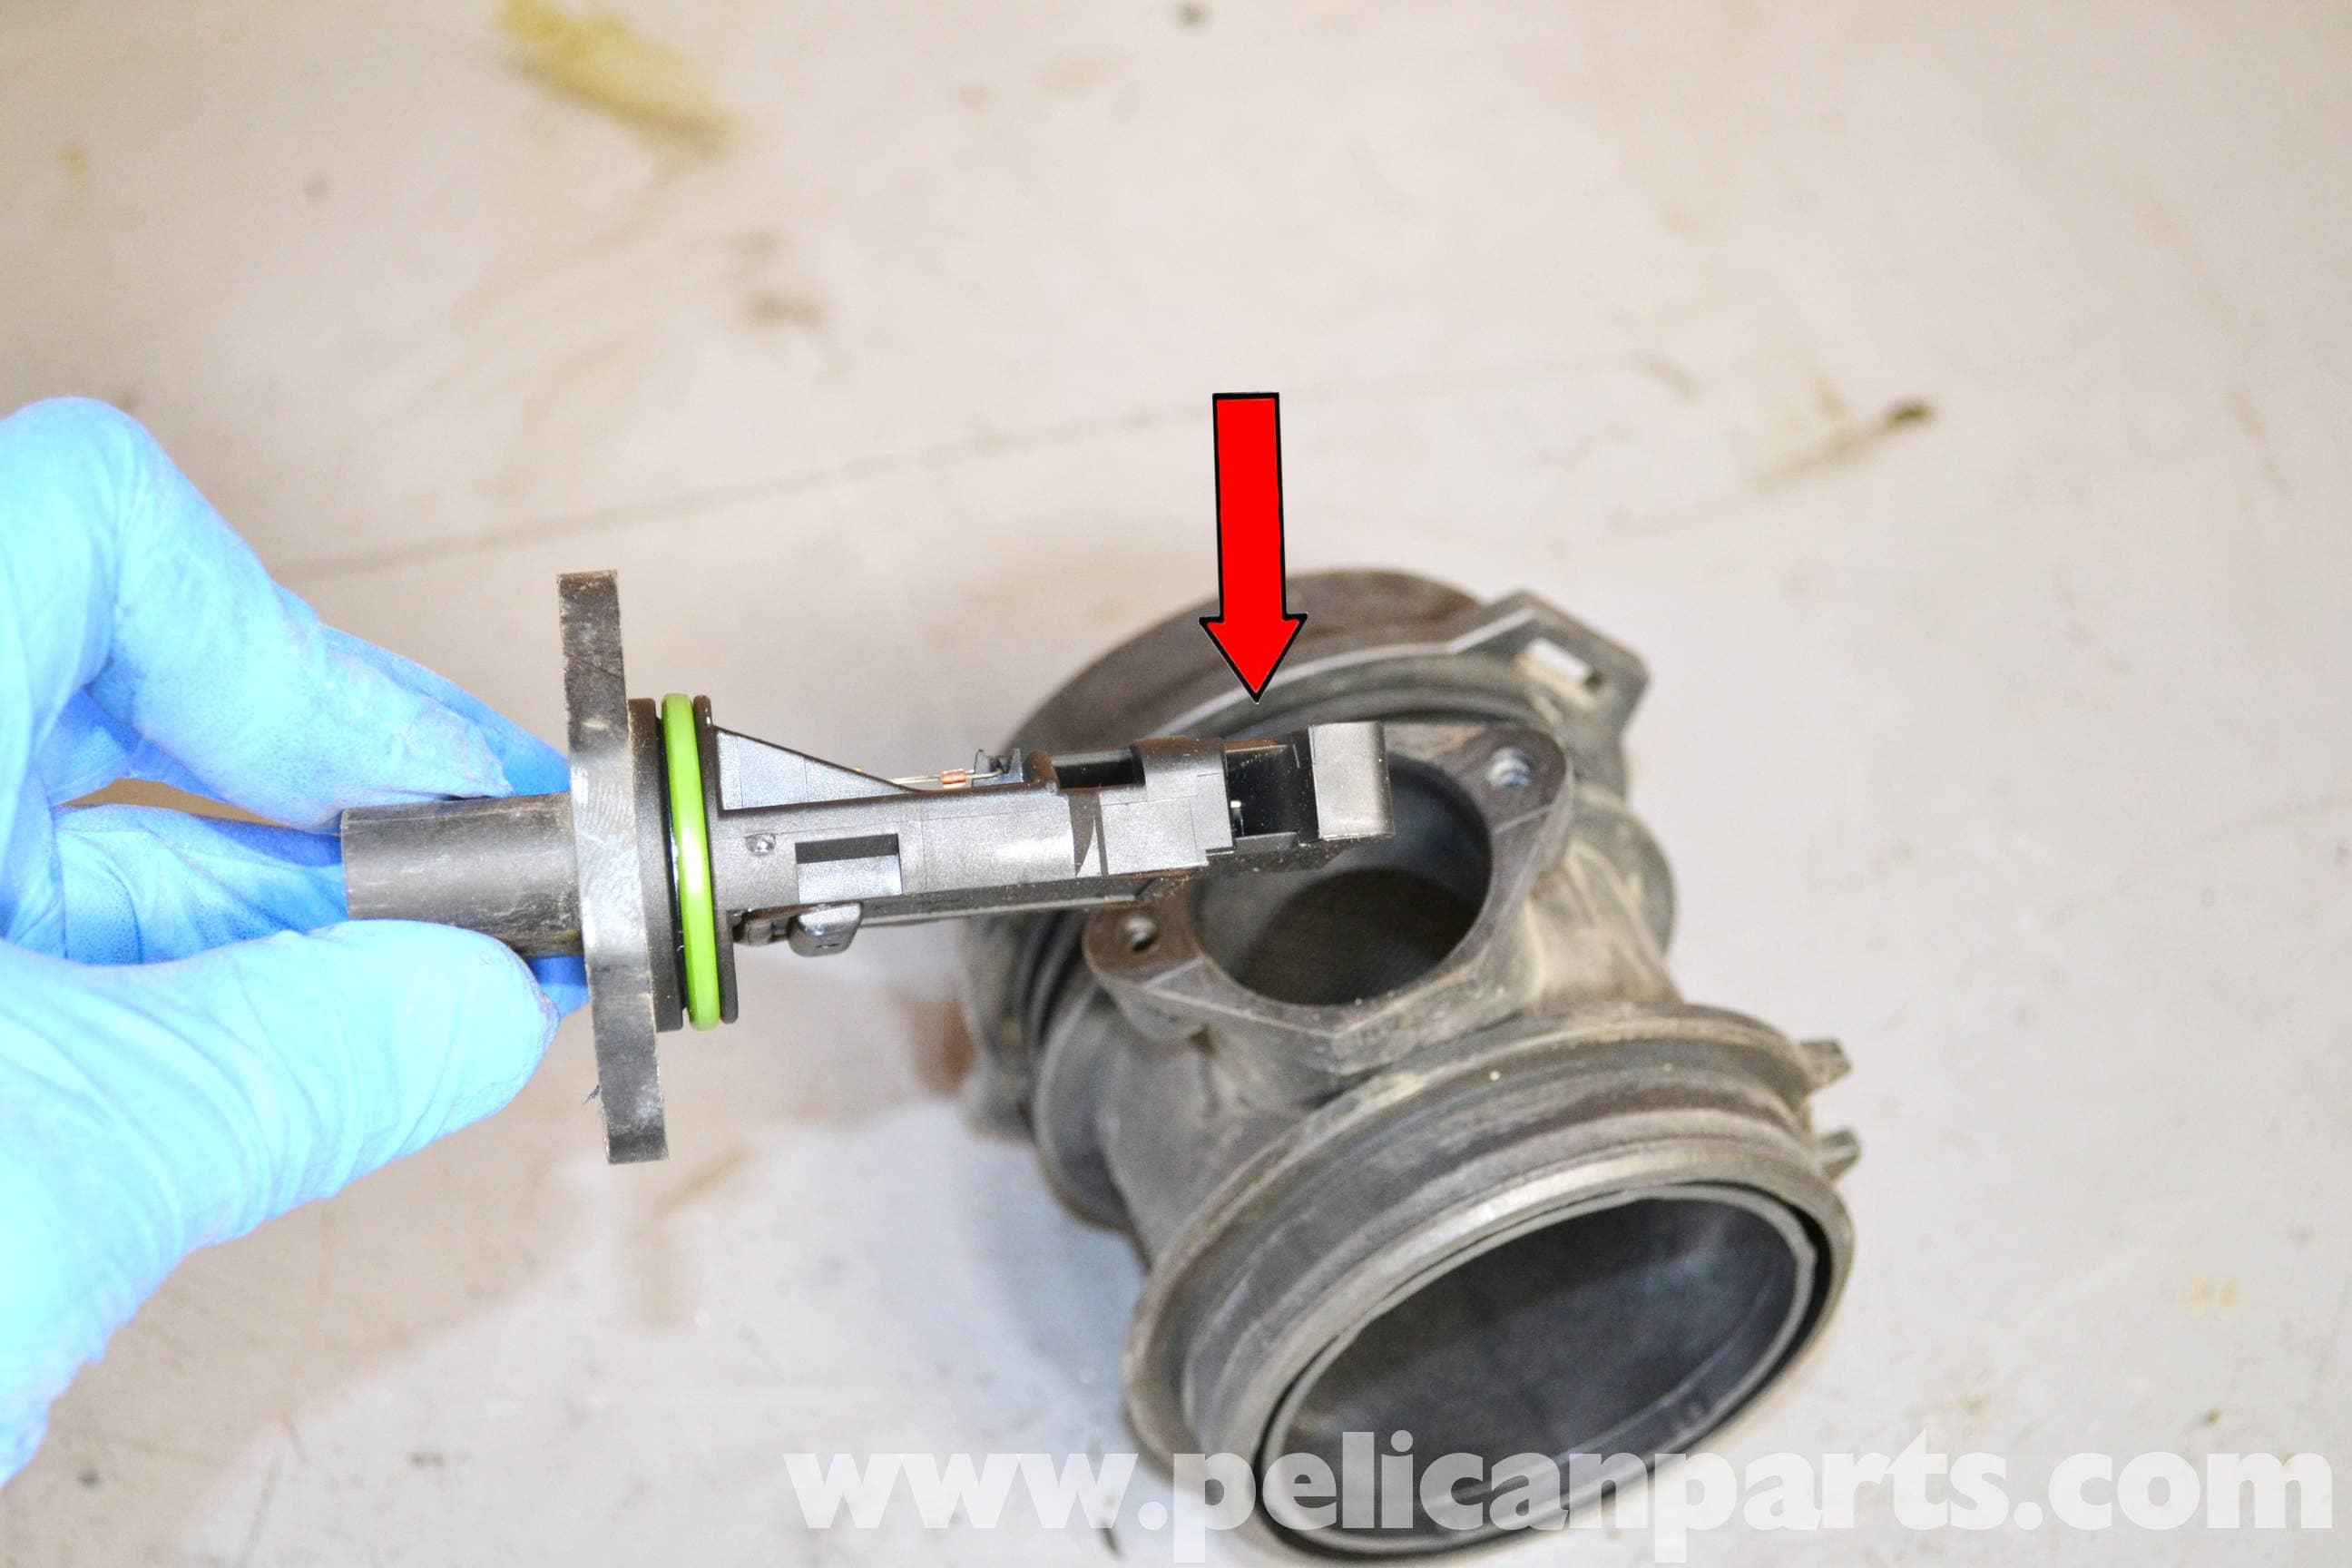 Mercedes-Benz W203 MAF (Mass Air Flow) Sensor Replacement - (2001